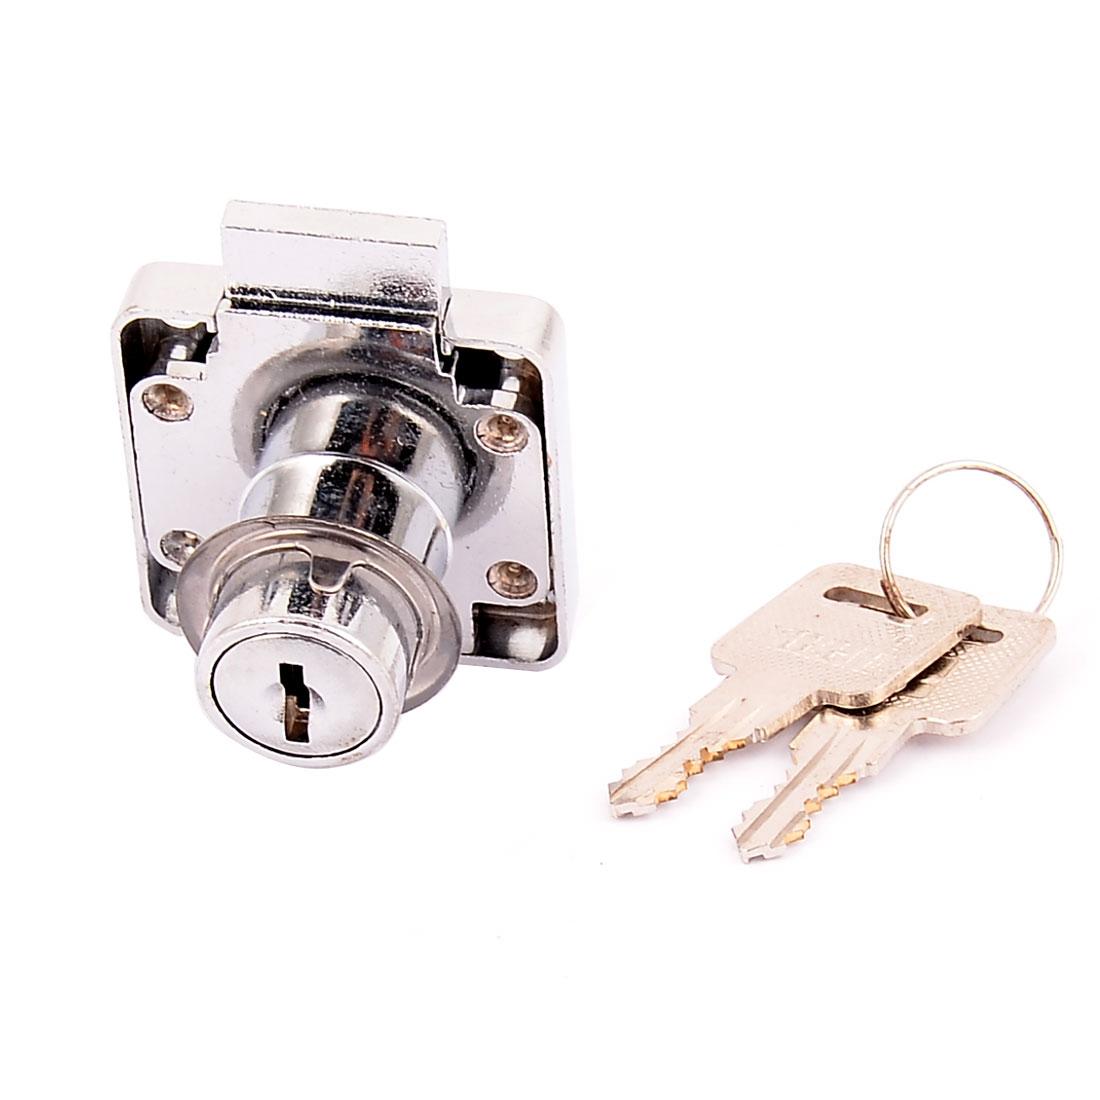 Cabinet Cupboard Door Drawer Tubular Cylinder Head Rim Security Lock Locking w 2 Keys